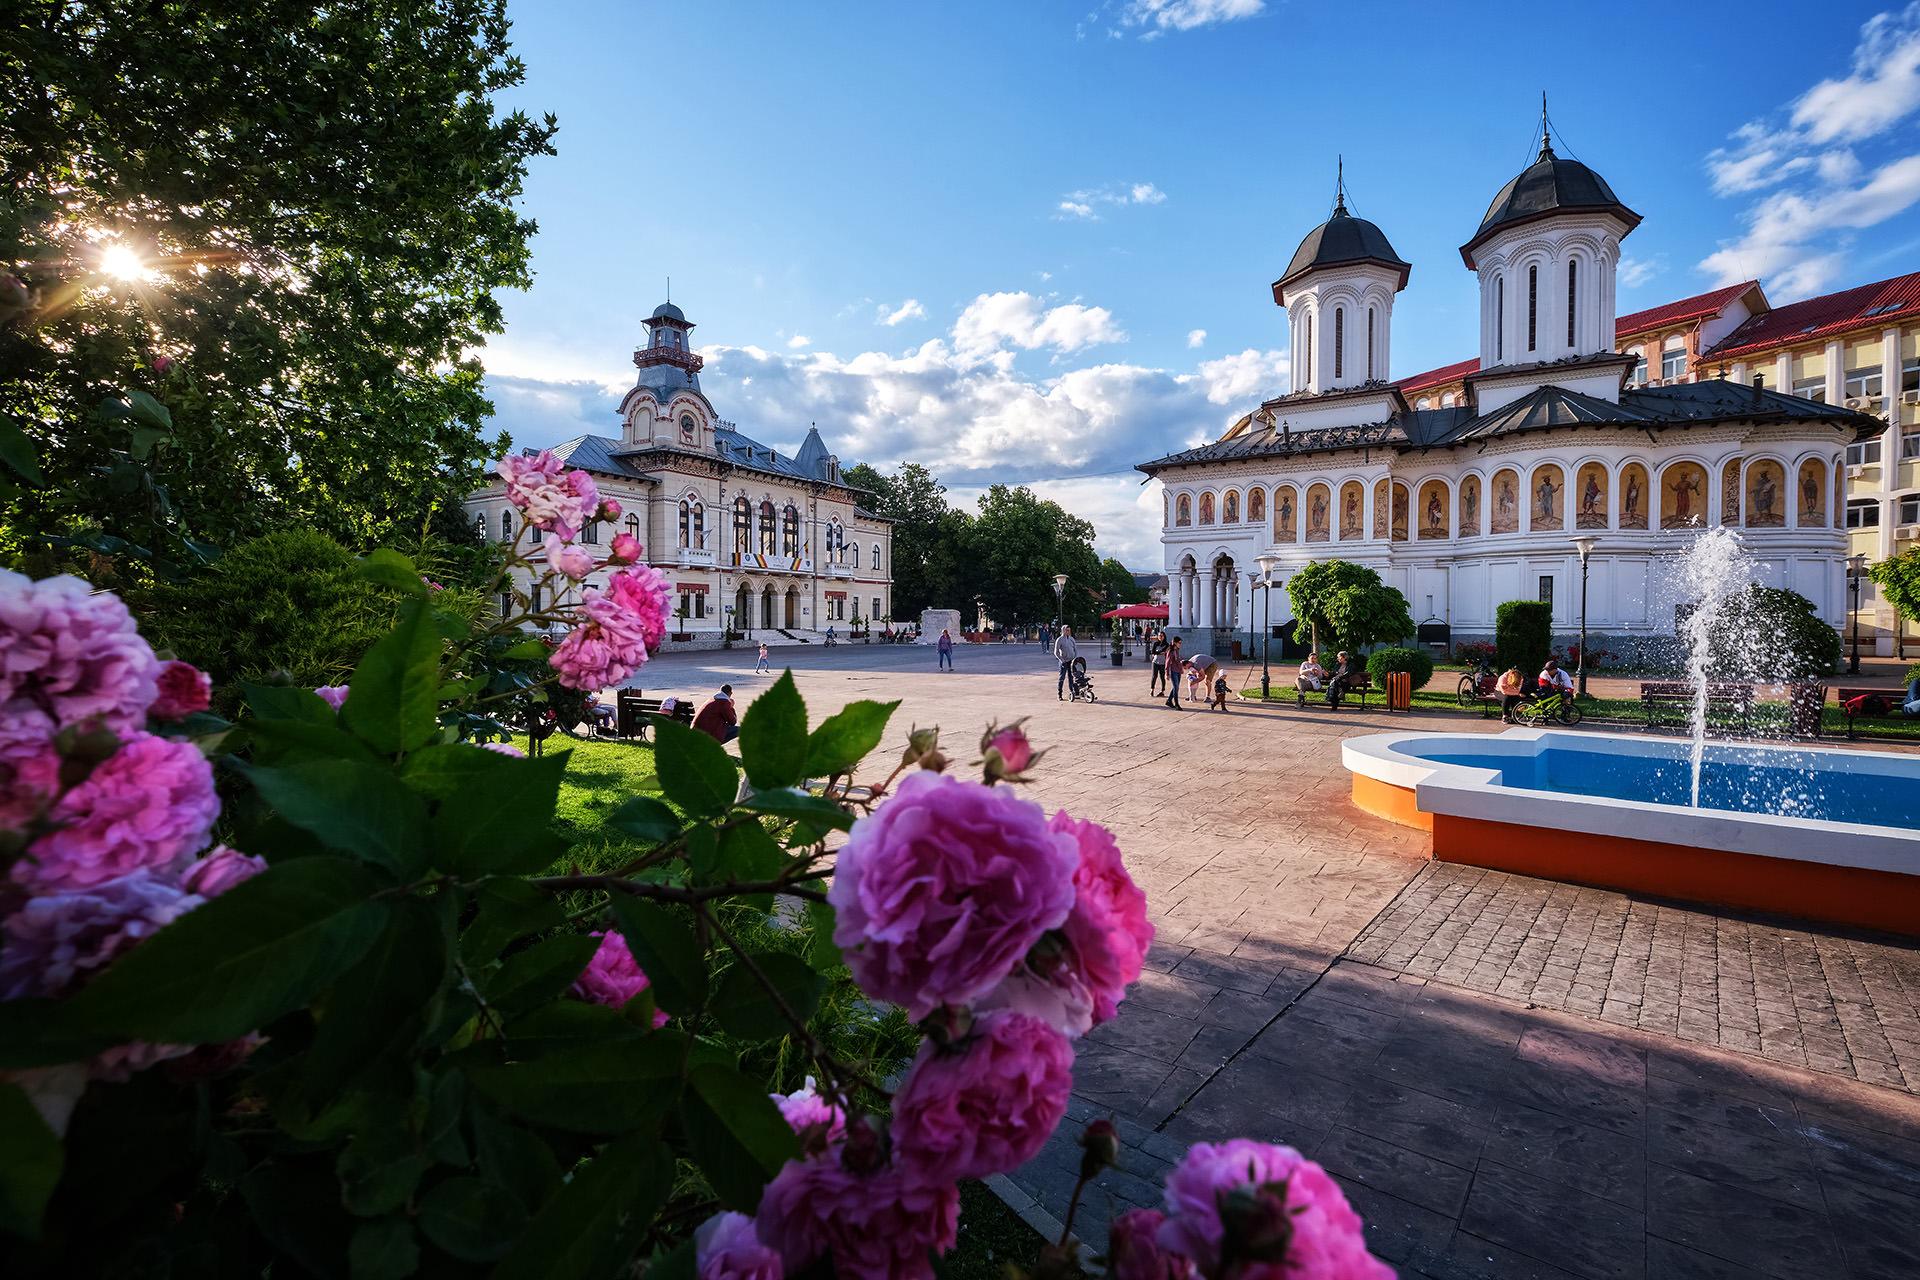 Vizita Targu Jiu - Centru Targu Jiu